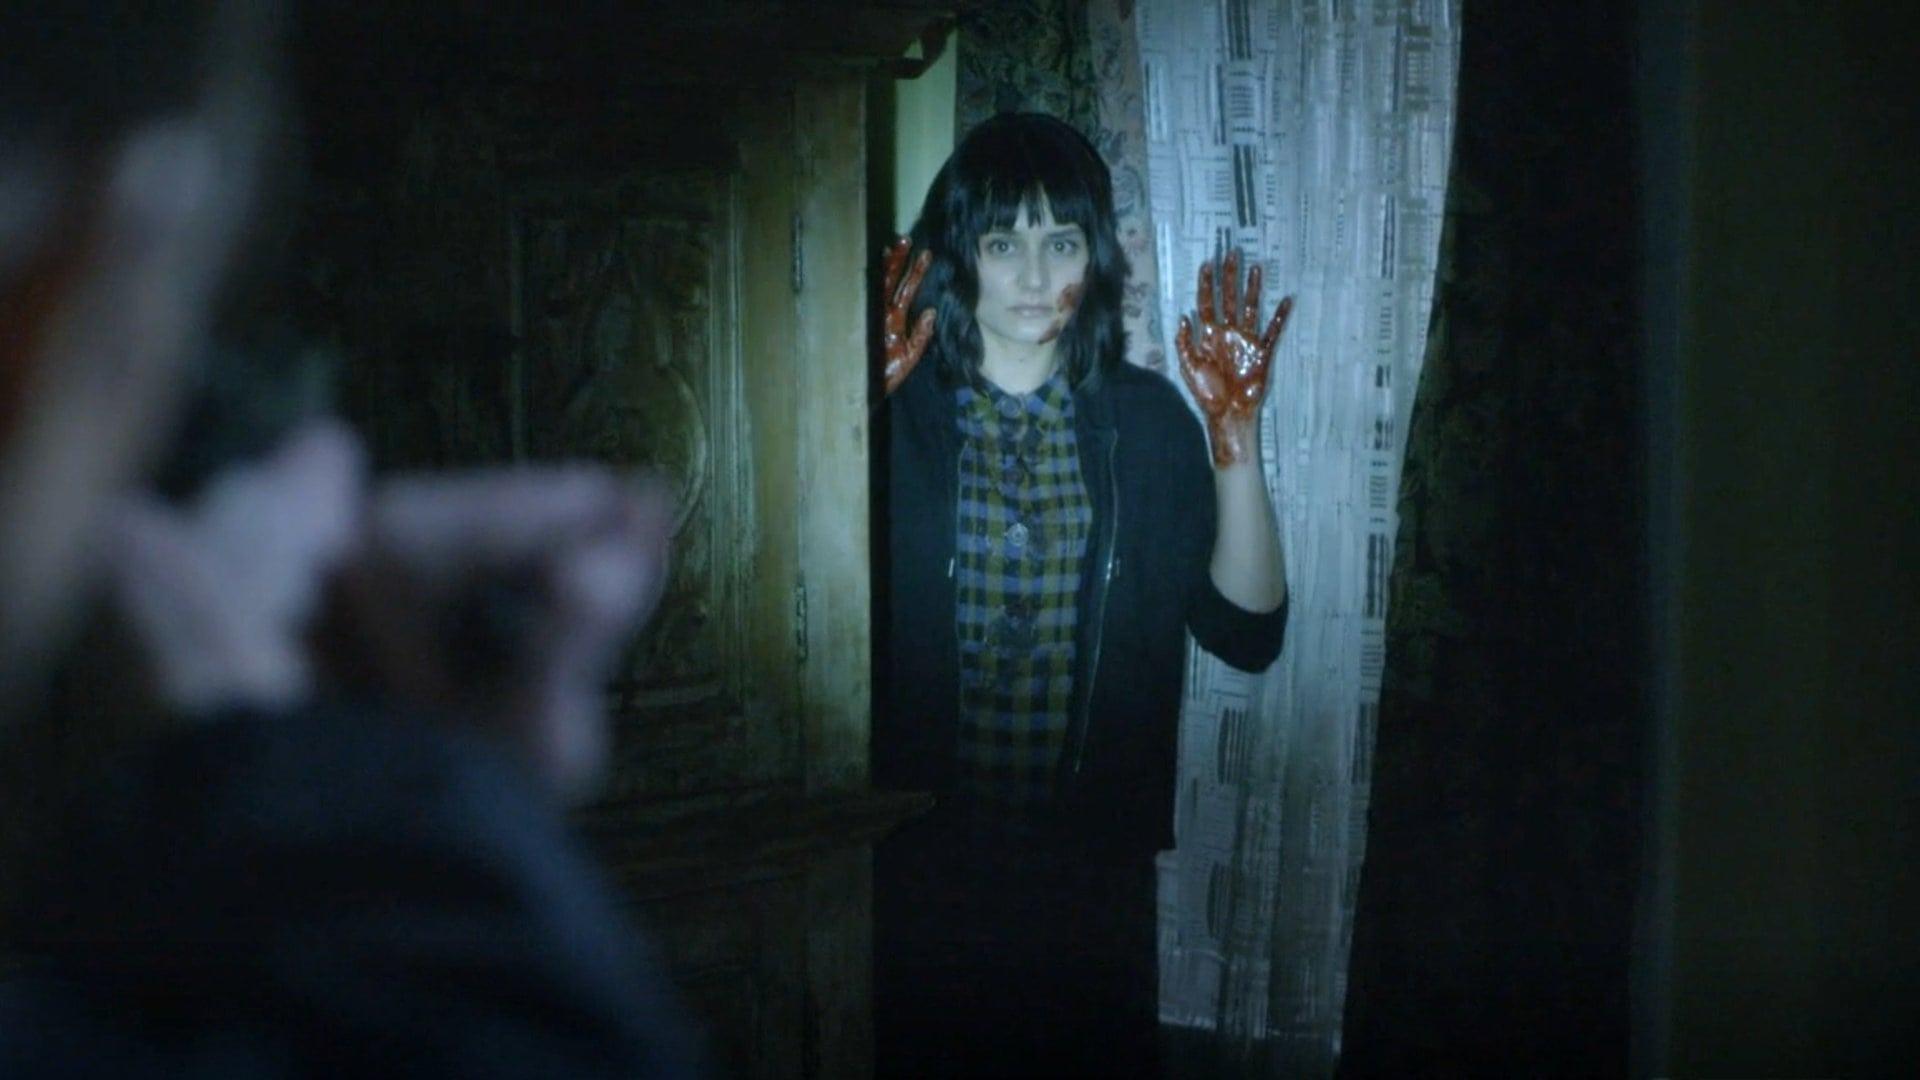 Criminal Minds - Season 14 Episode 14 : Sick and Evil